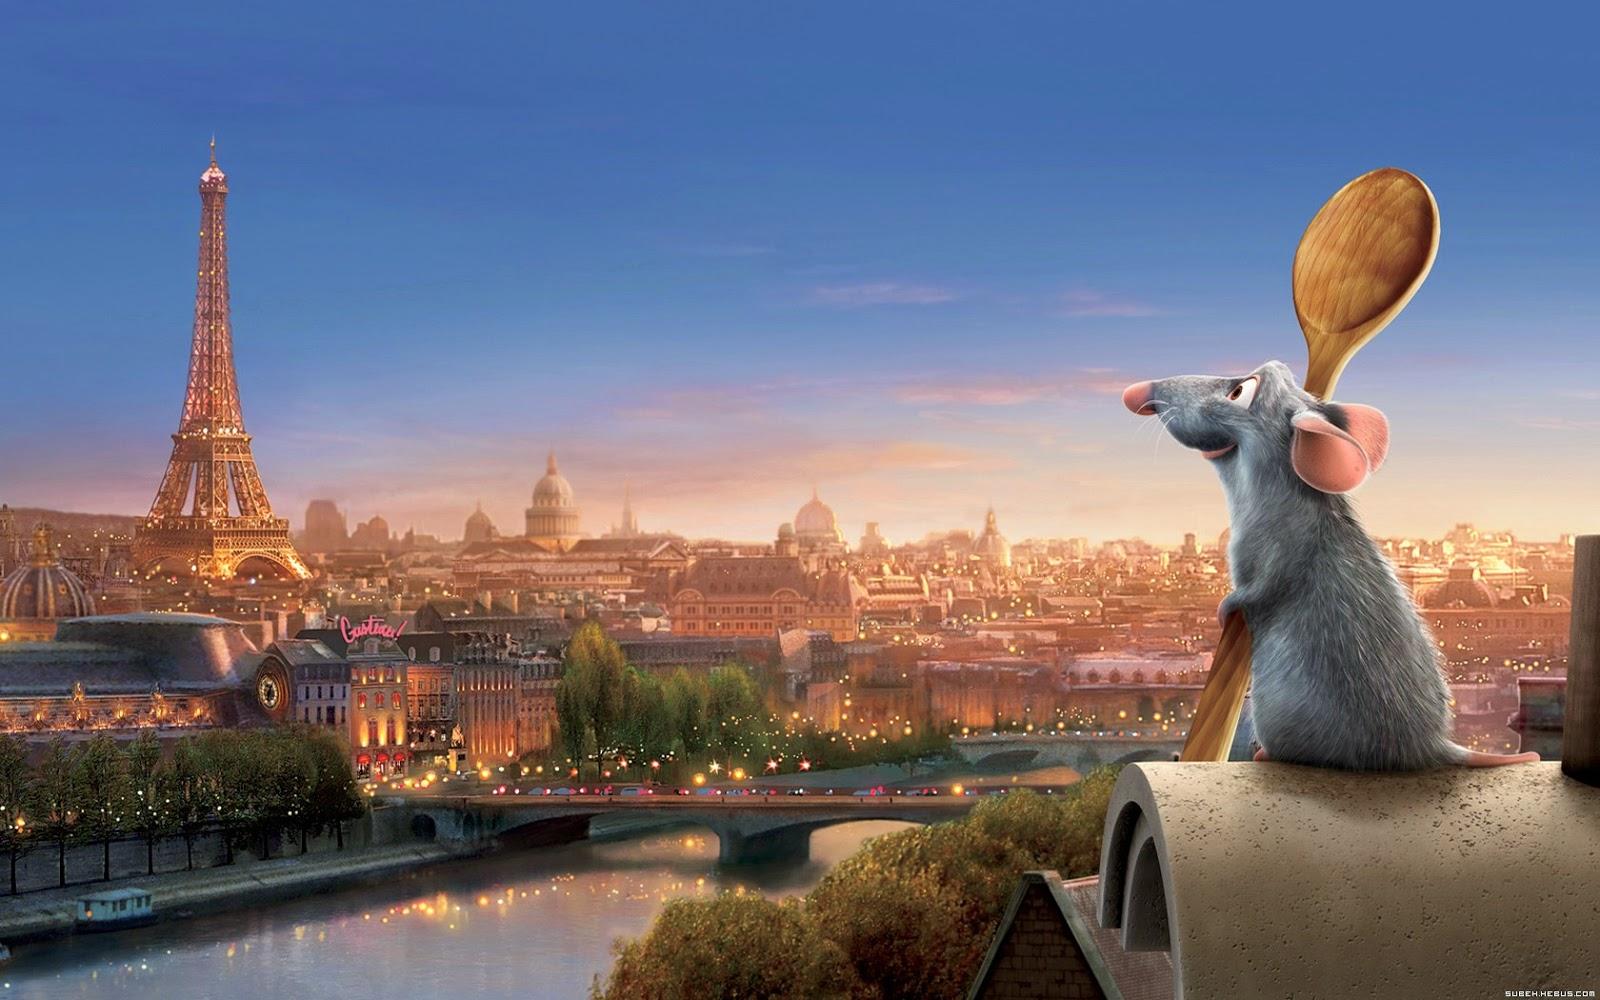 Kumpulan Gambar Ratatouille  Gambar Lucu Terbaru Cartoon